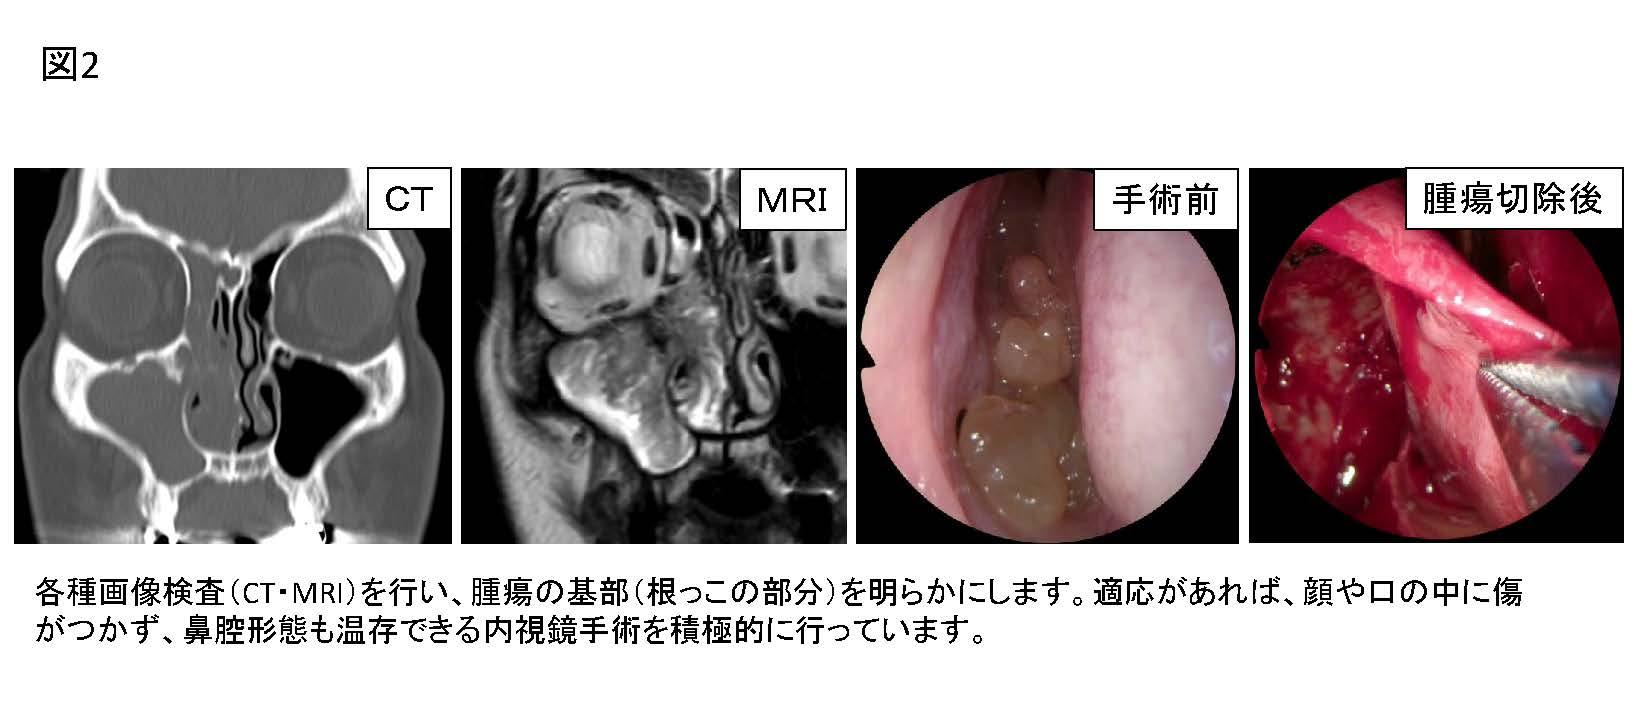 コロナ 後ろ 耳 の 腫れ